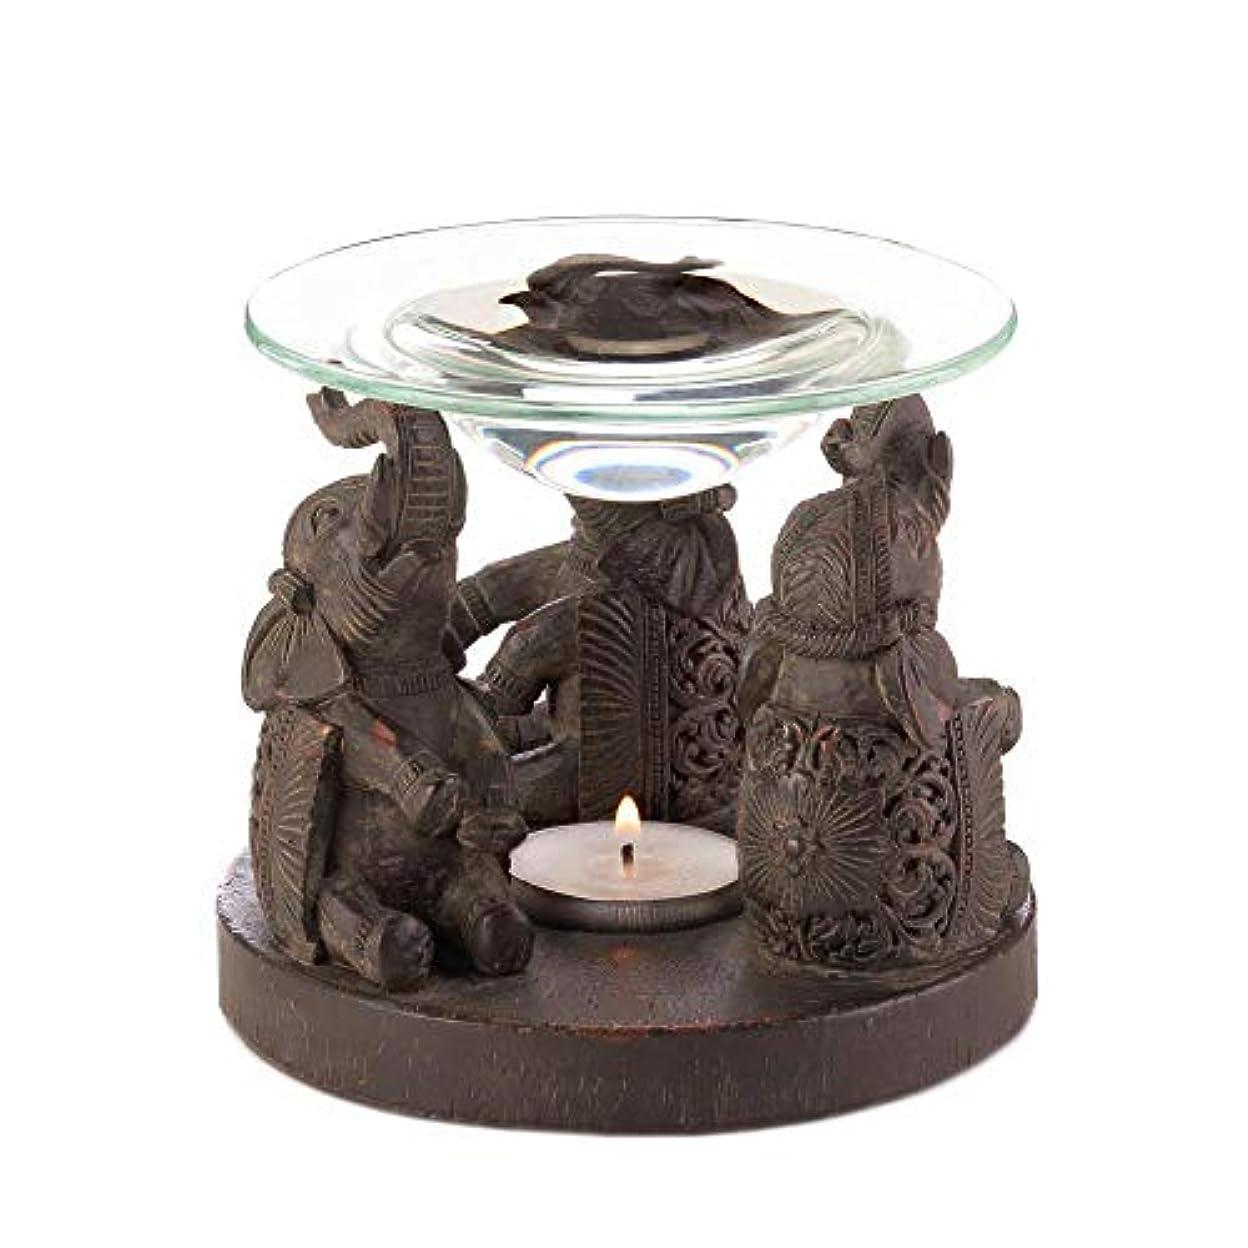 儀式艦隊ごめんなさいAnya Nana ギフト 彫刻された象の像 キャンドル タルトワックスウォーマー バーナー ディフューザー アロマセラピー